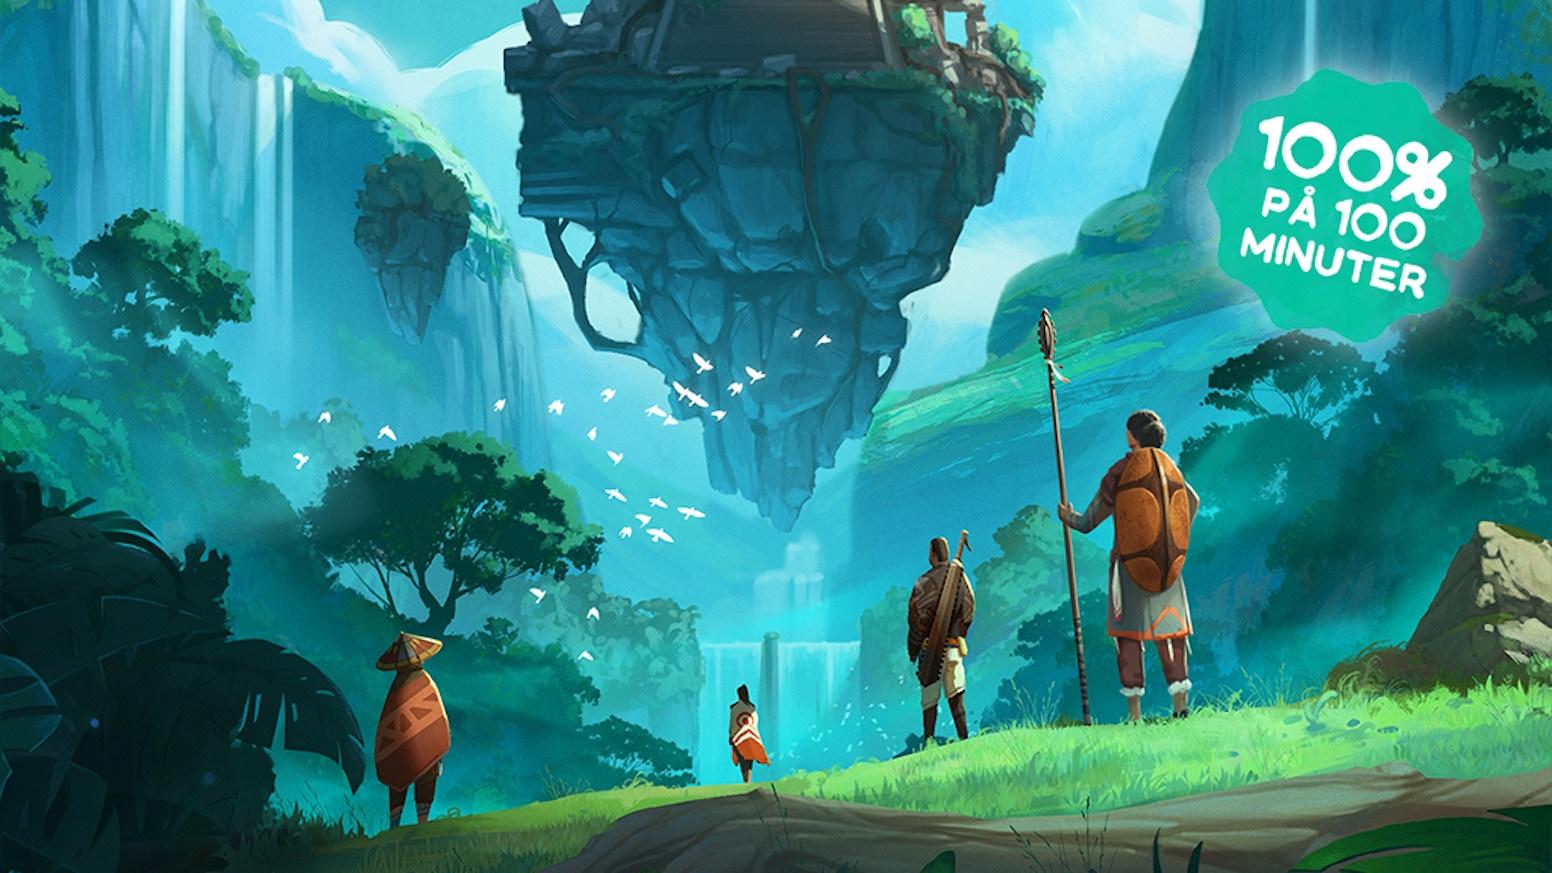 Ett äventyrsrollspel med fokus på frihet, upptäckarglädje och kamratskap – i en optimistisk spelvärld med utomeuropeiska influenser.